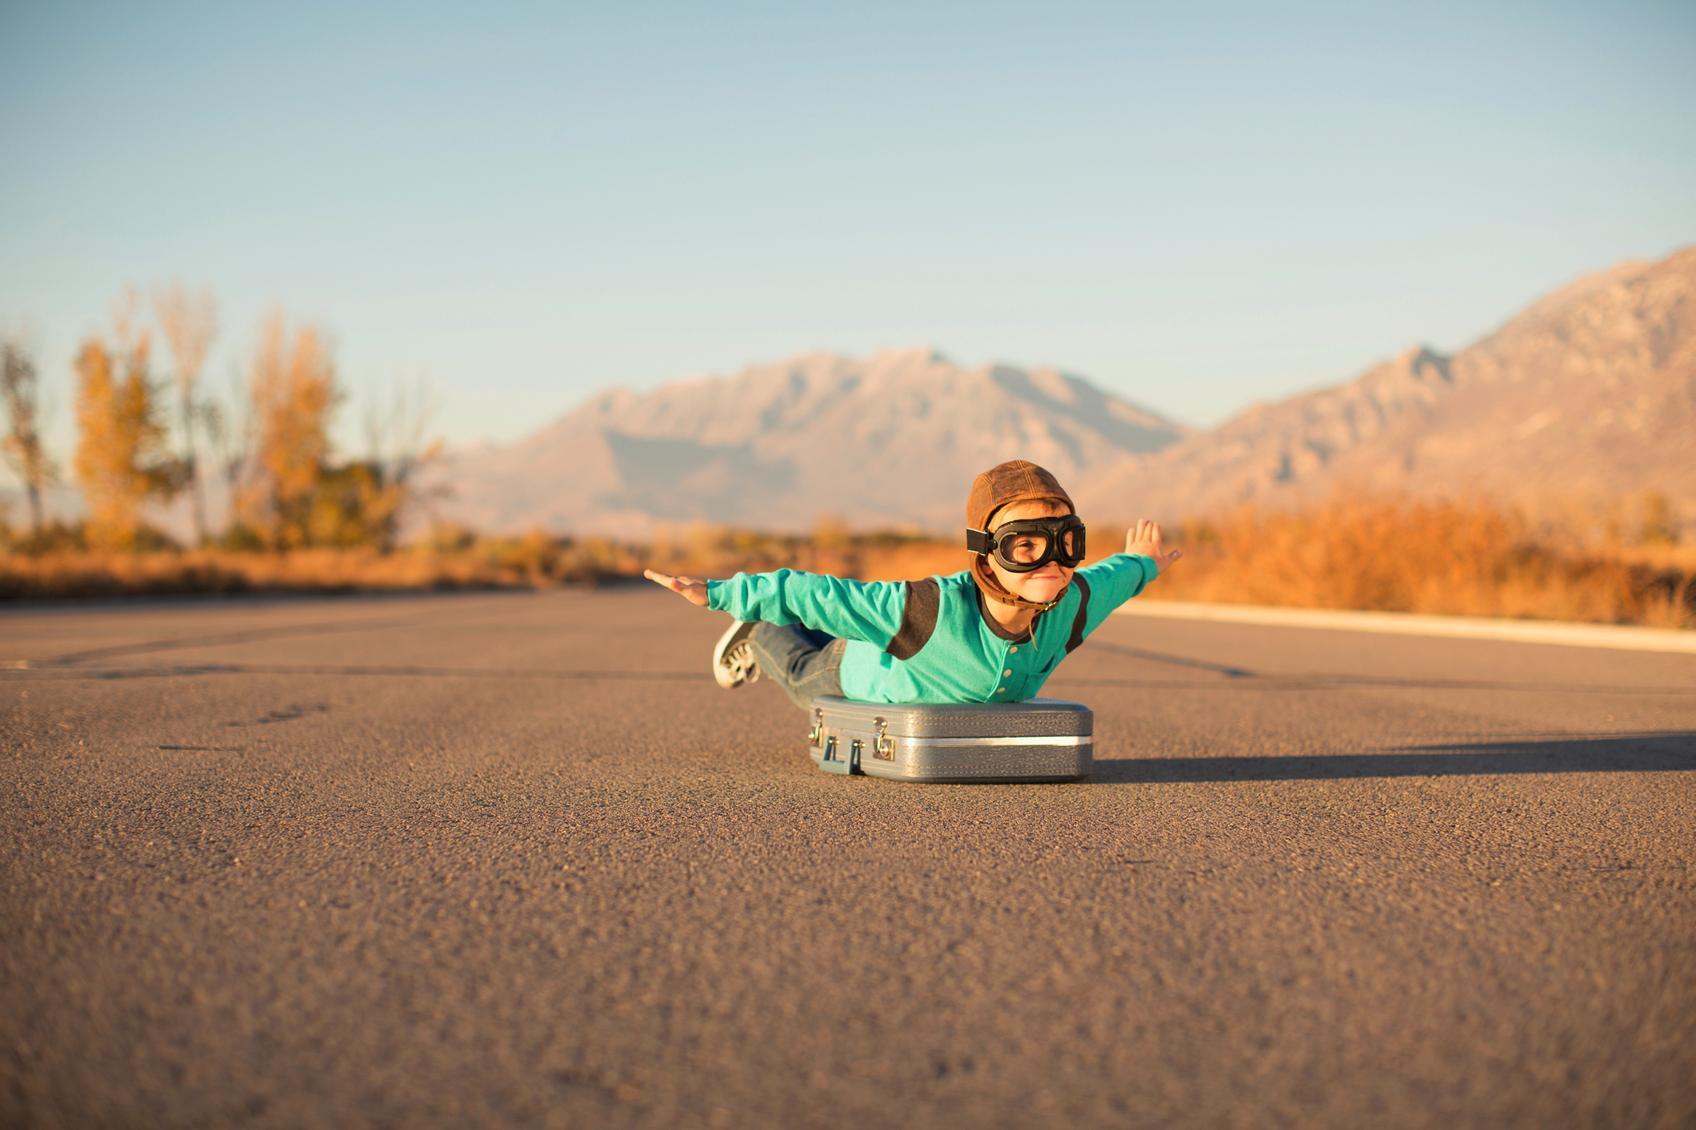 """Kind als Pilot verkleidet """"fliegt"""" auf Koffer"""